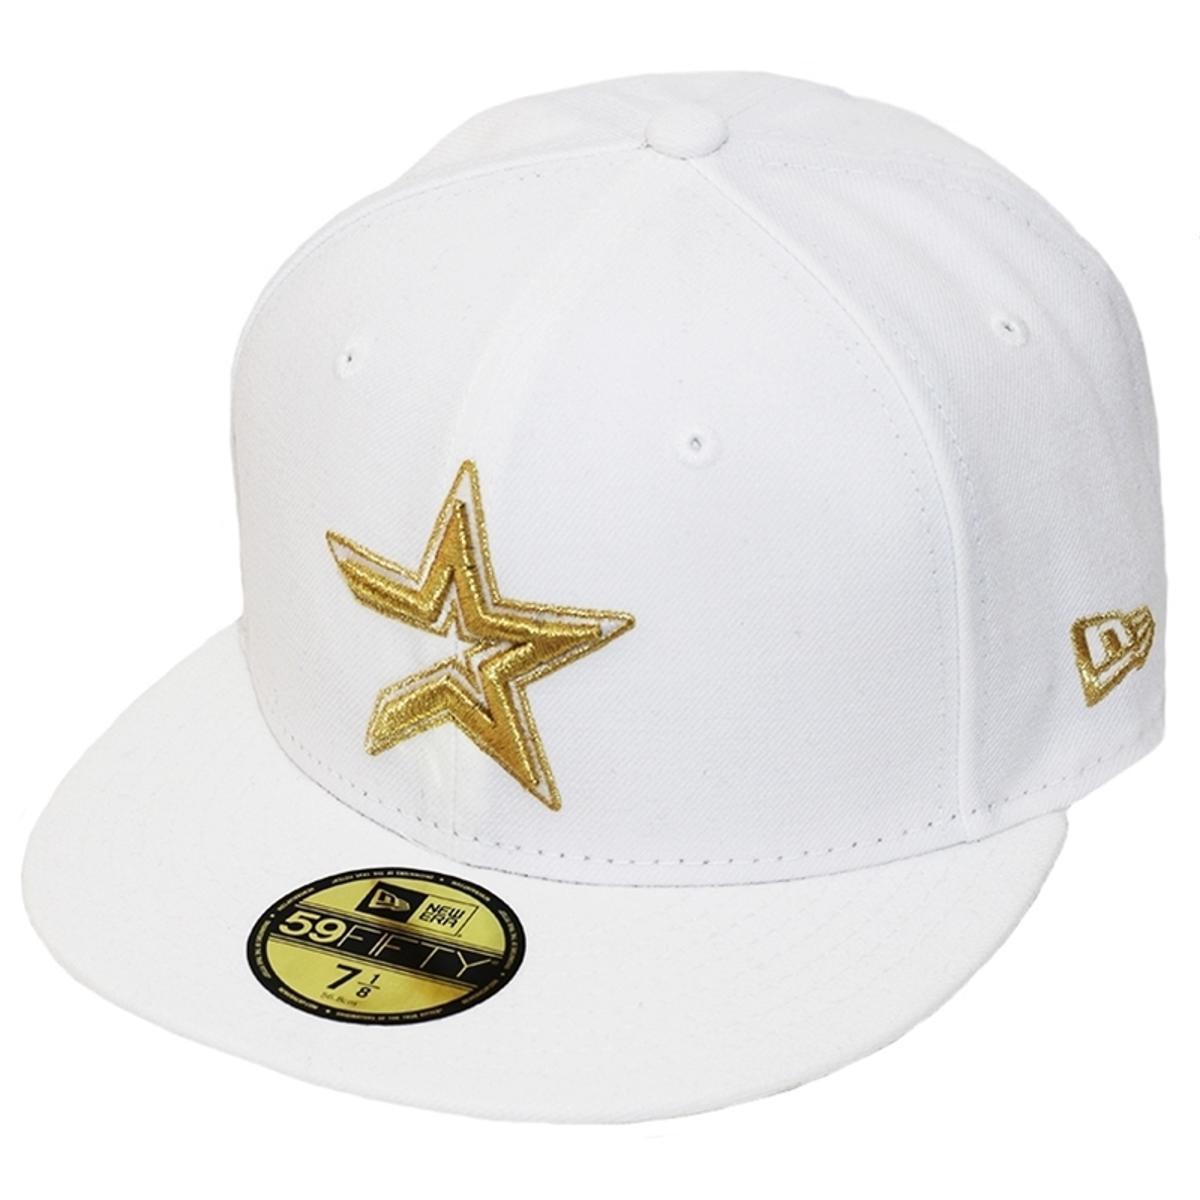 Boné New Era Aba Reta Fechado Mlb Astros Basic Gold - Compre Agora ... 424c6c68a7b